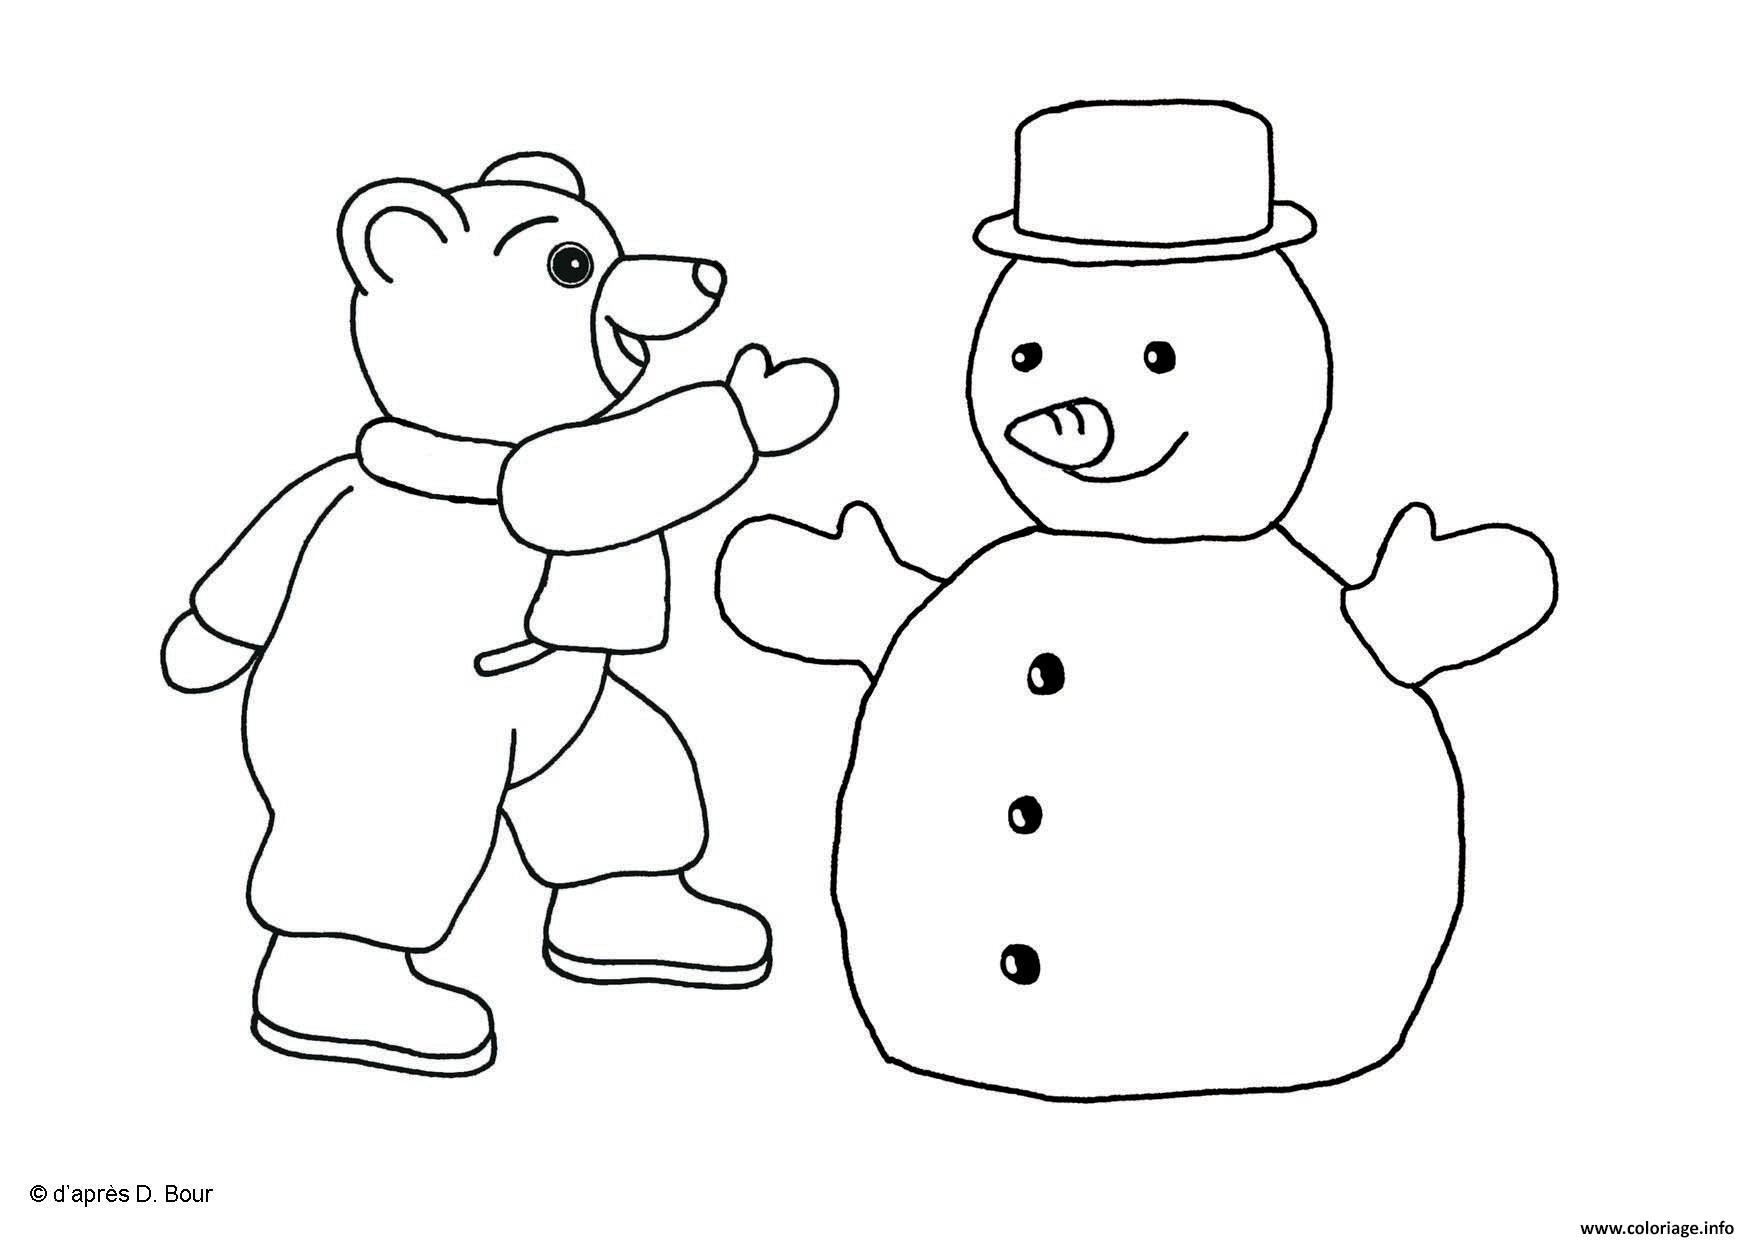 Dessin Petit Ours Brun fait un bonhomme de neige page 001 Coloriage Gratuit à Imprimer